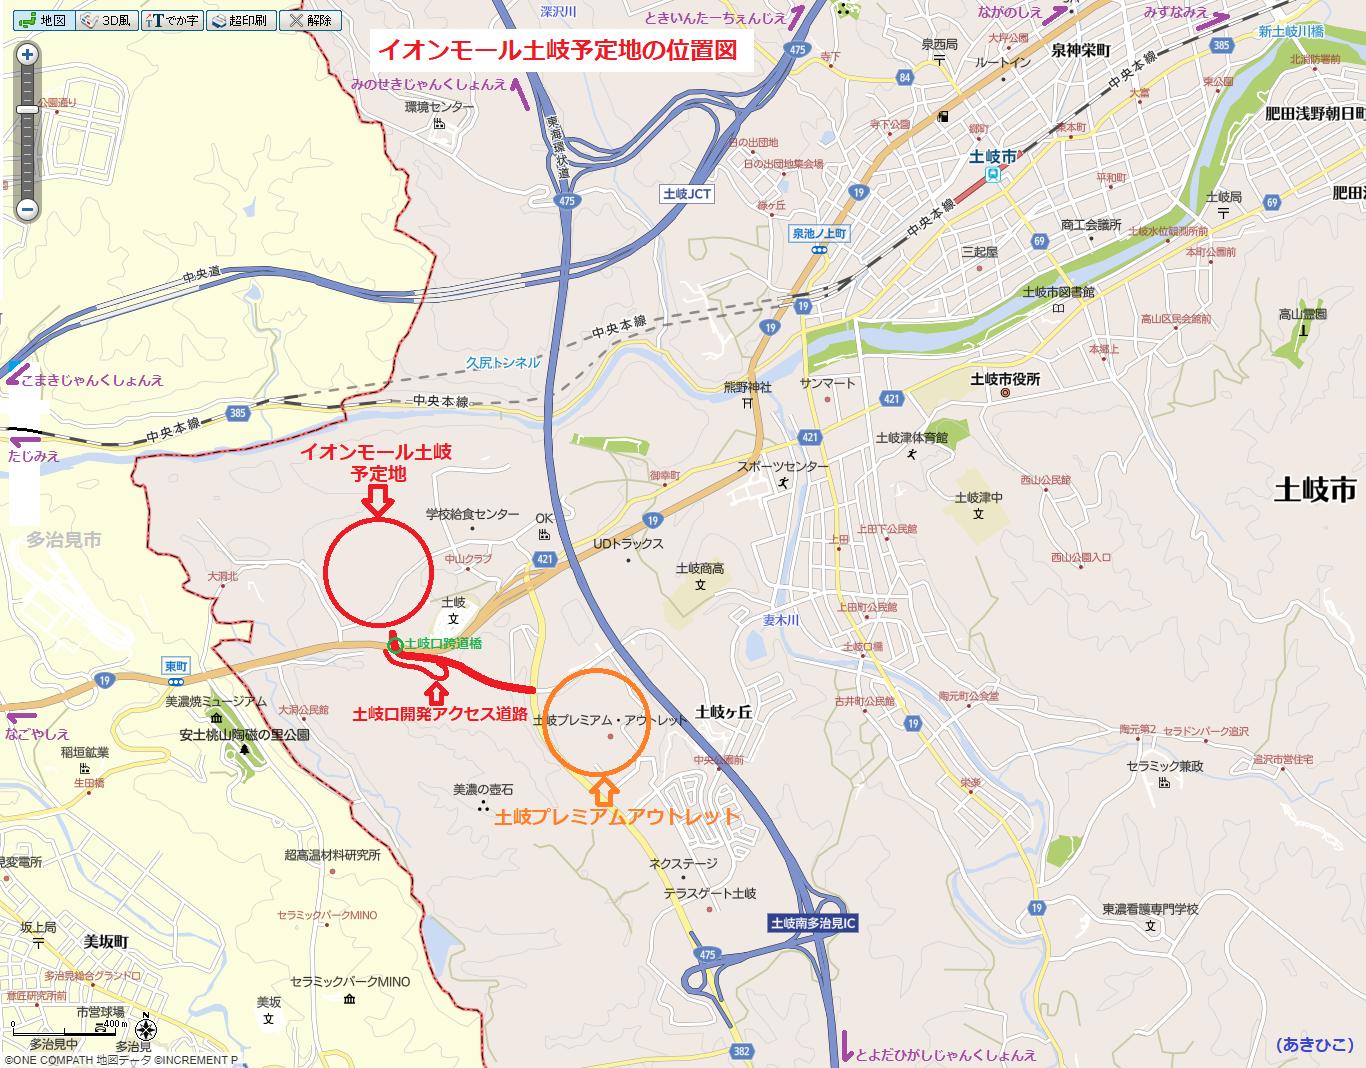 イオンモール土岐予定地の位置図 1366-1068